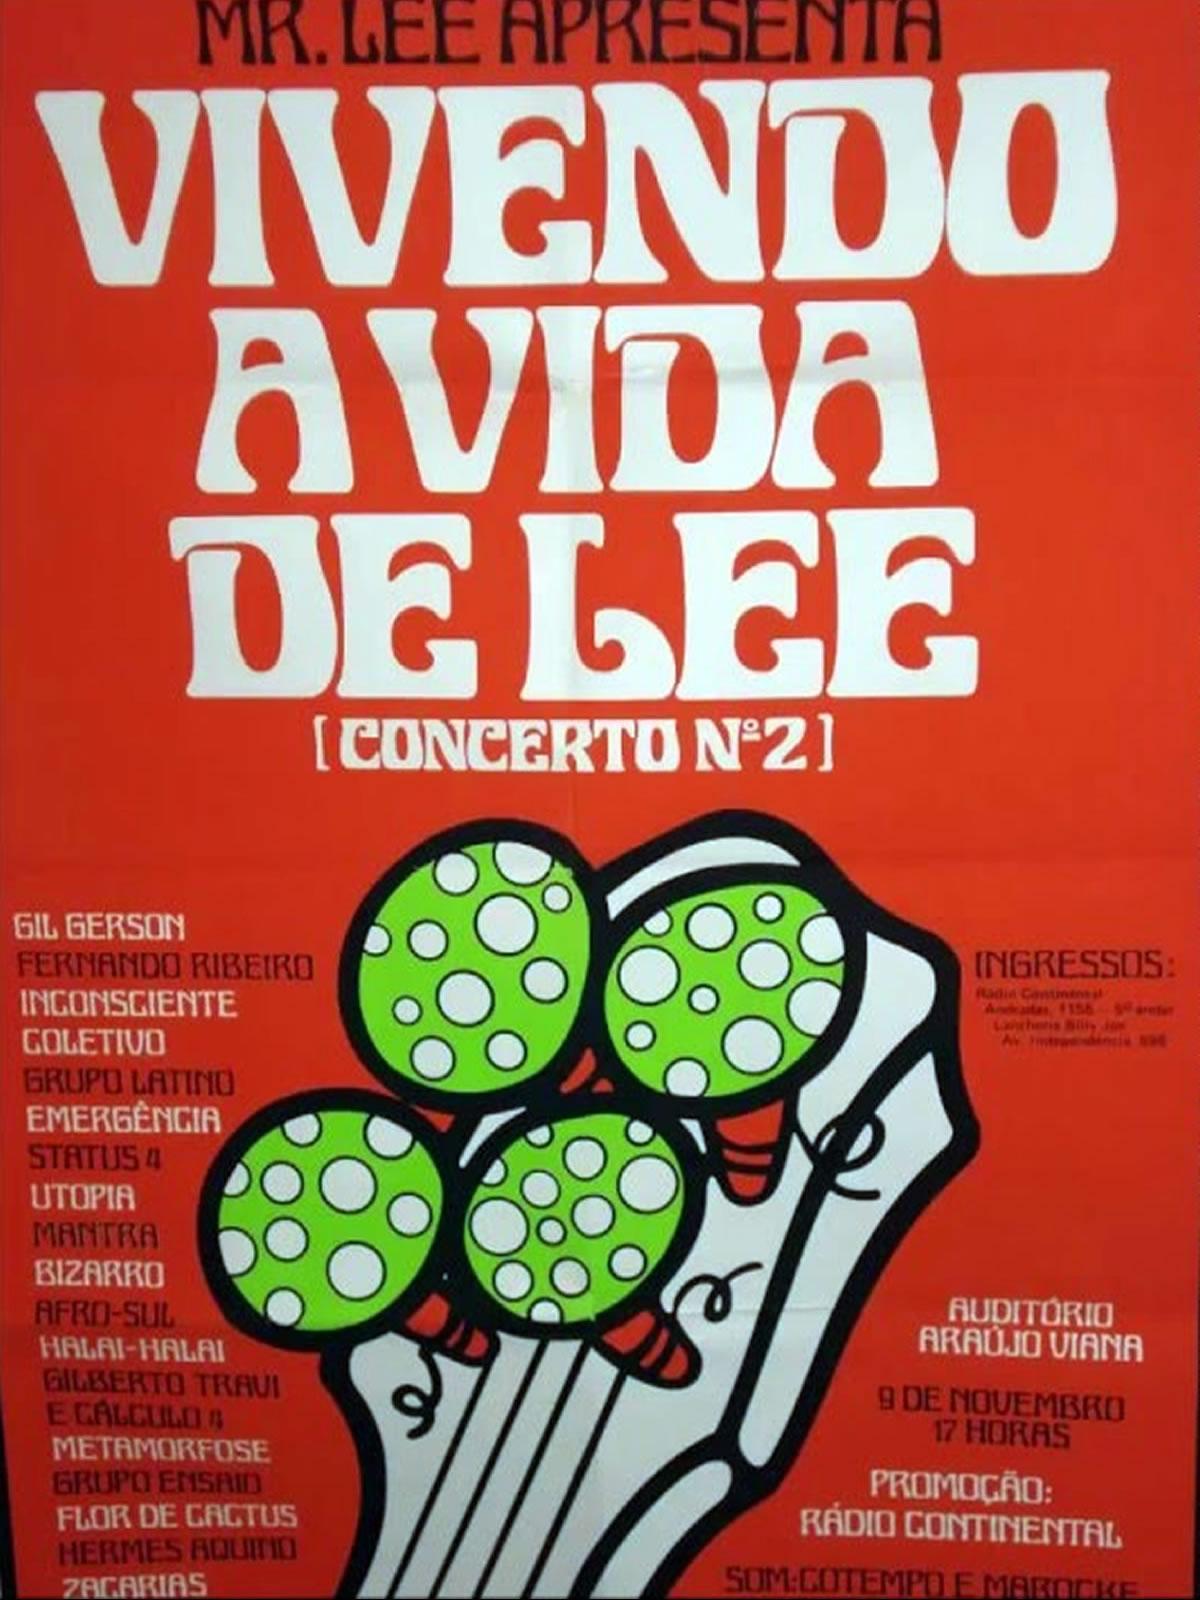 [ACERVO] Poster do 'Vivendo a Vida Lee Concerto nº 2, 1975